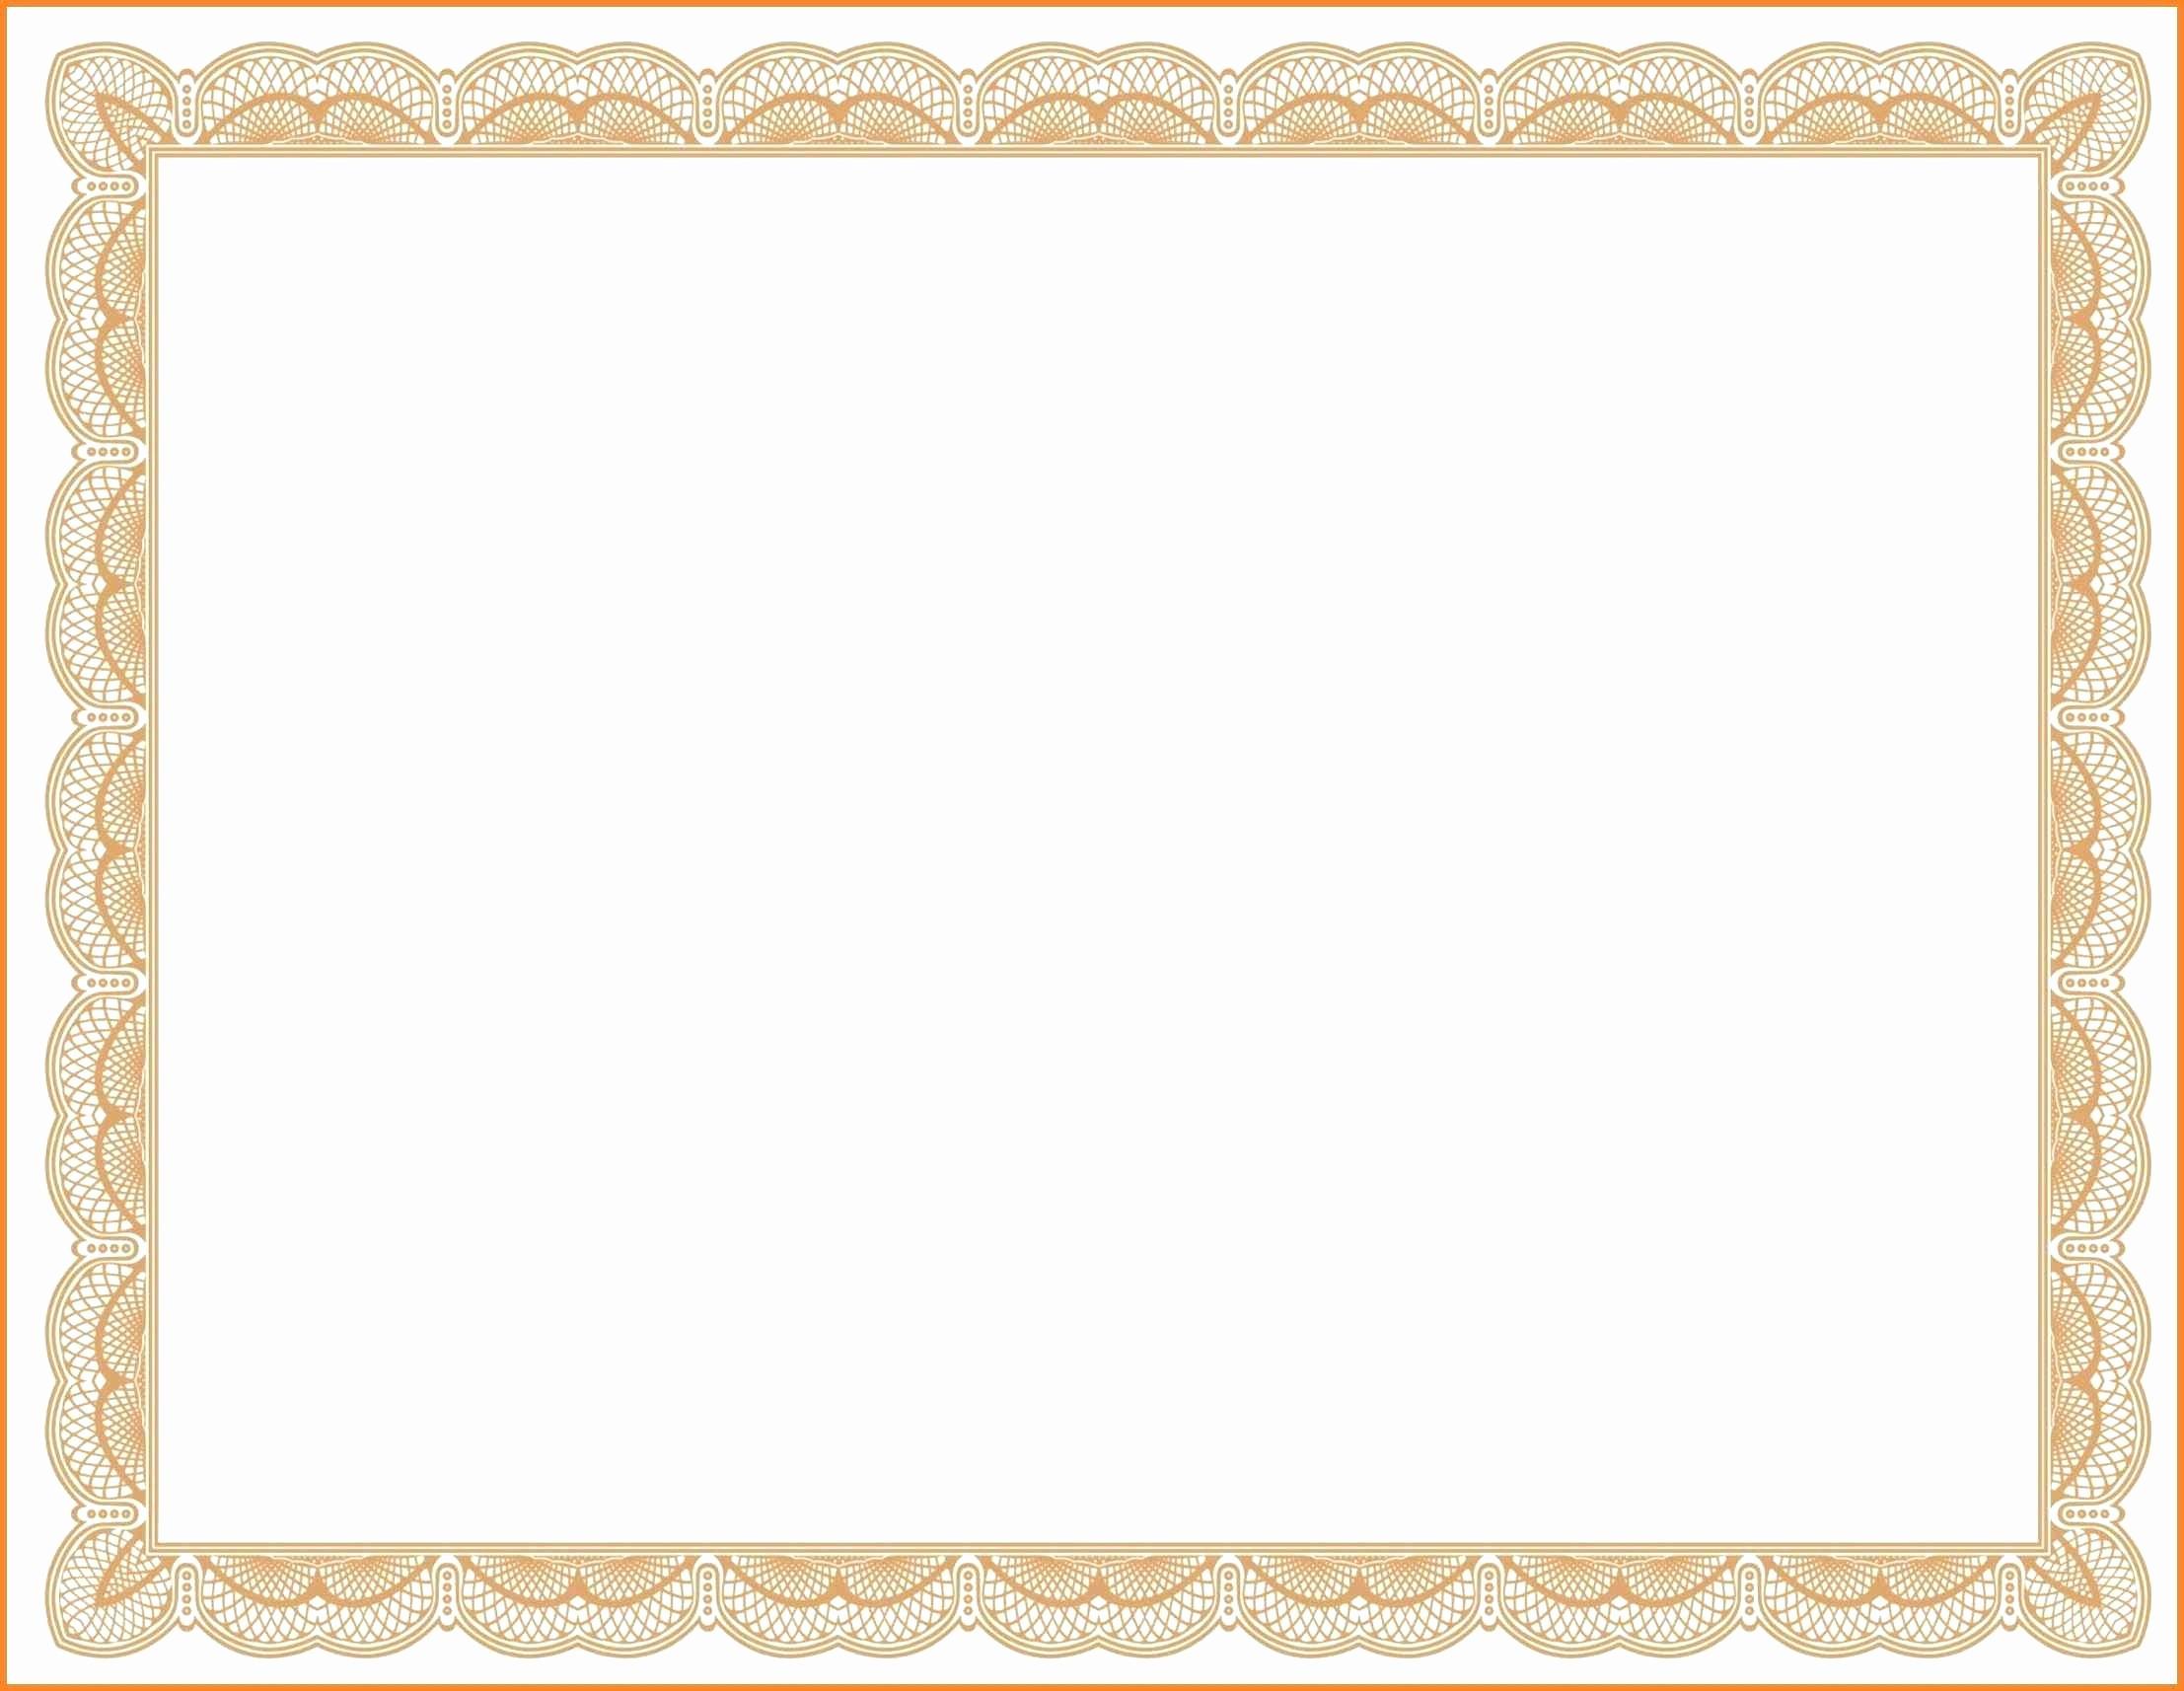 Free Printable Blank Certificate Borders Fresh Template Border Certificate Template